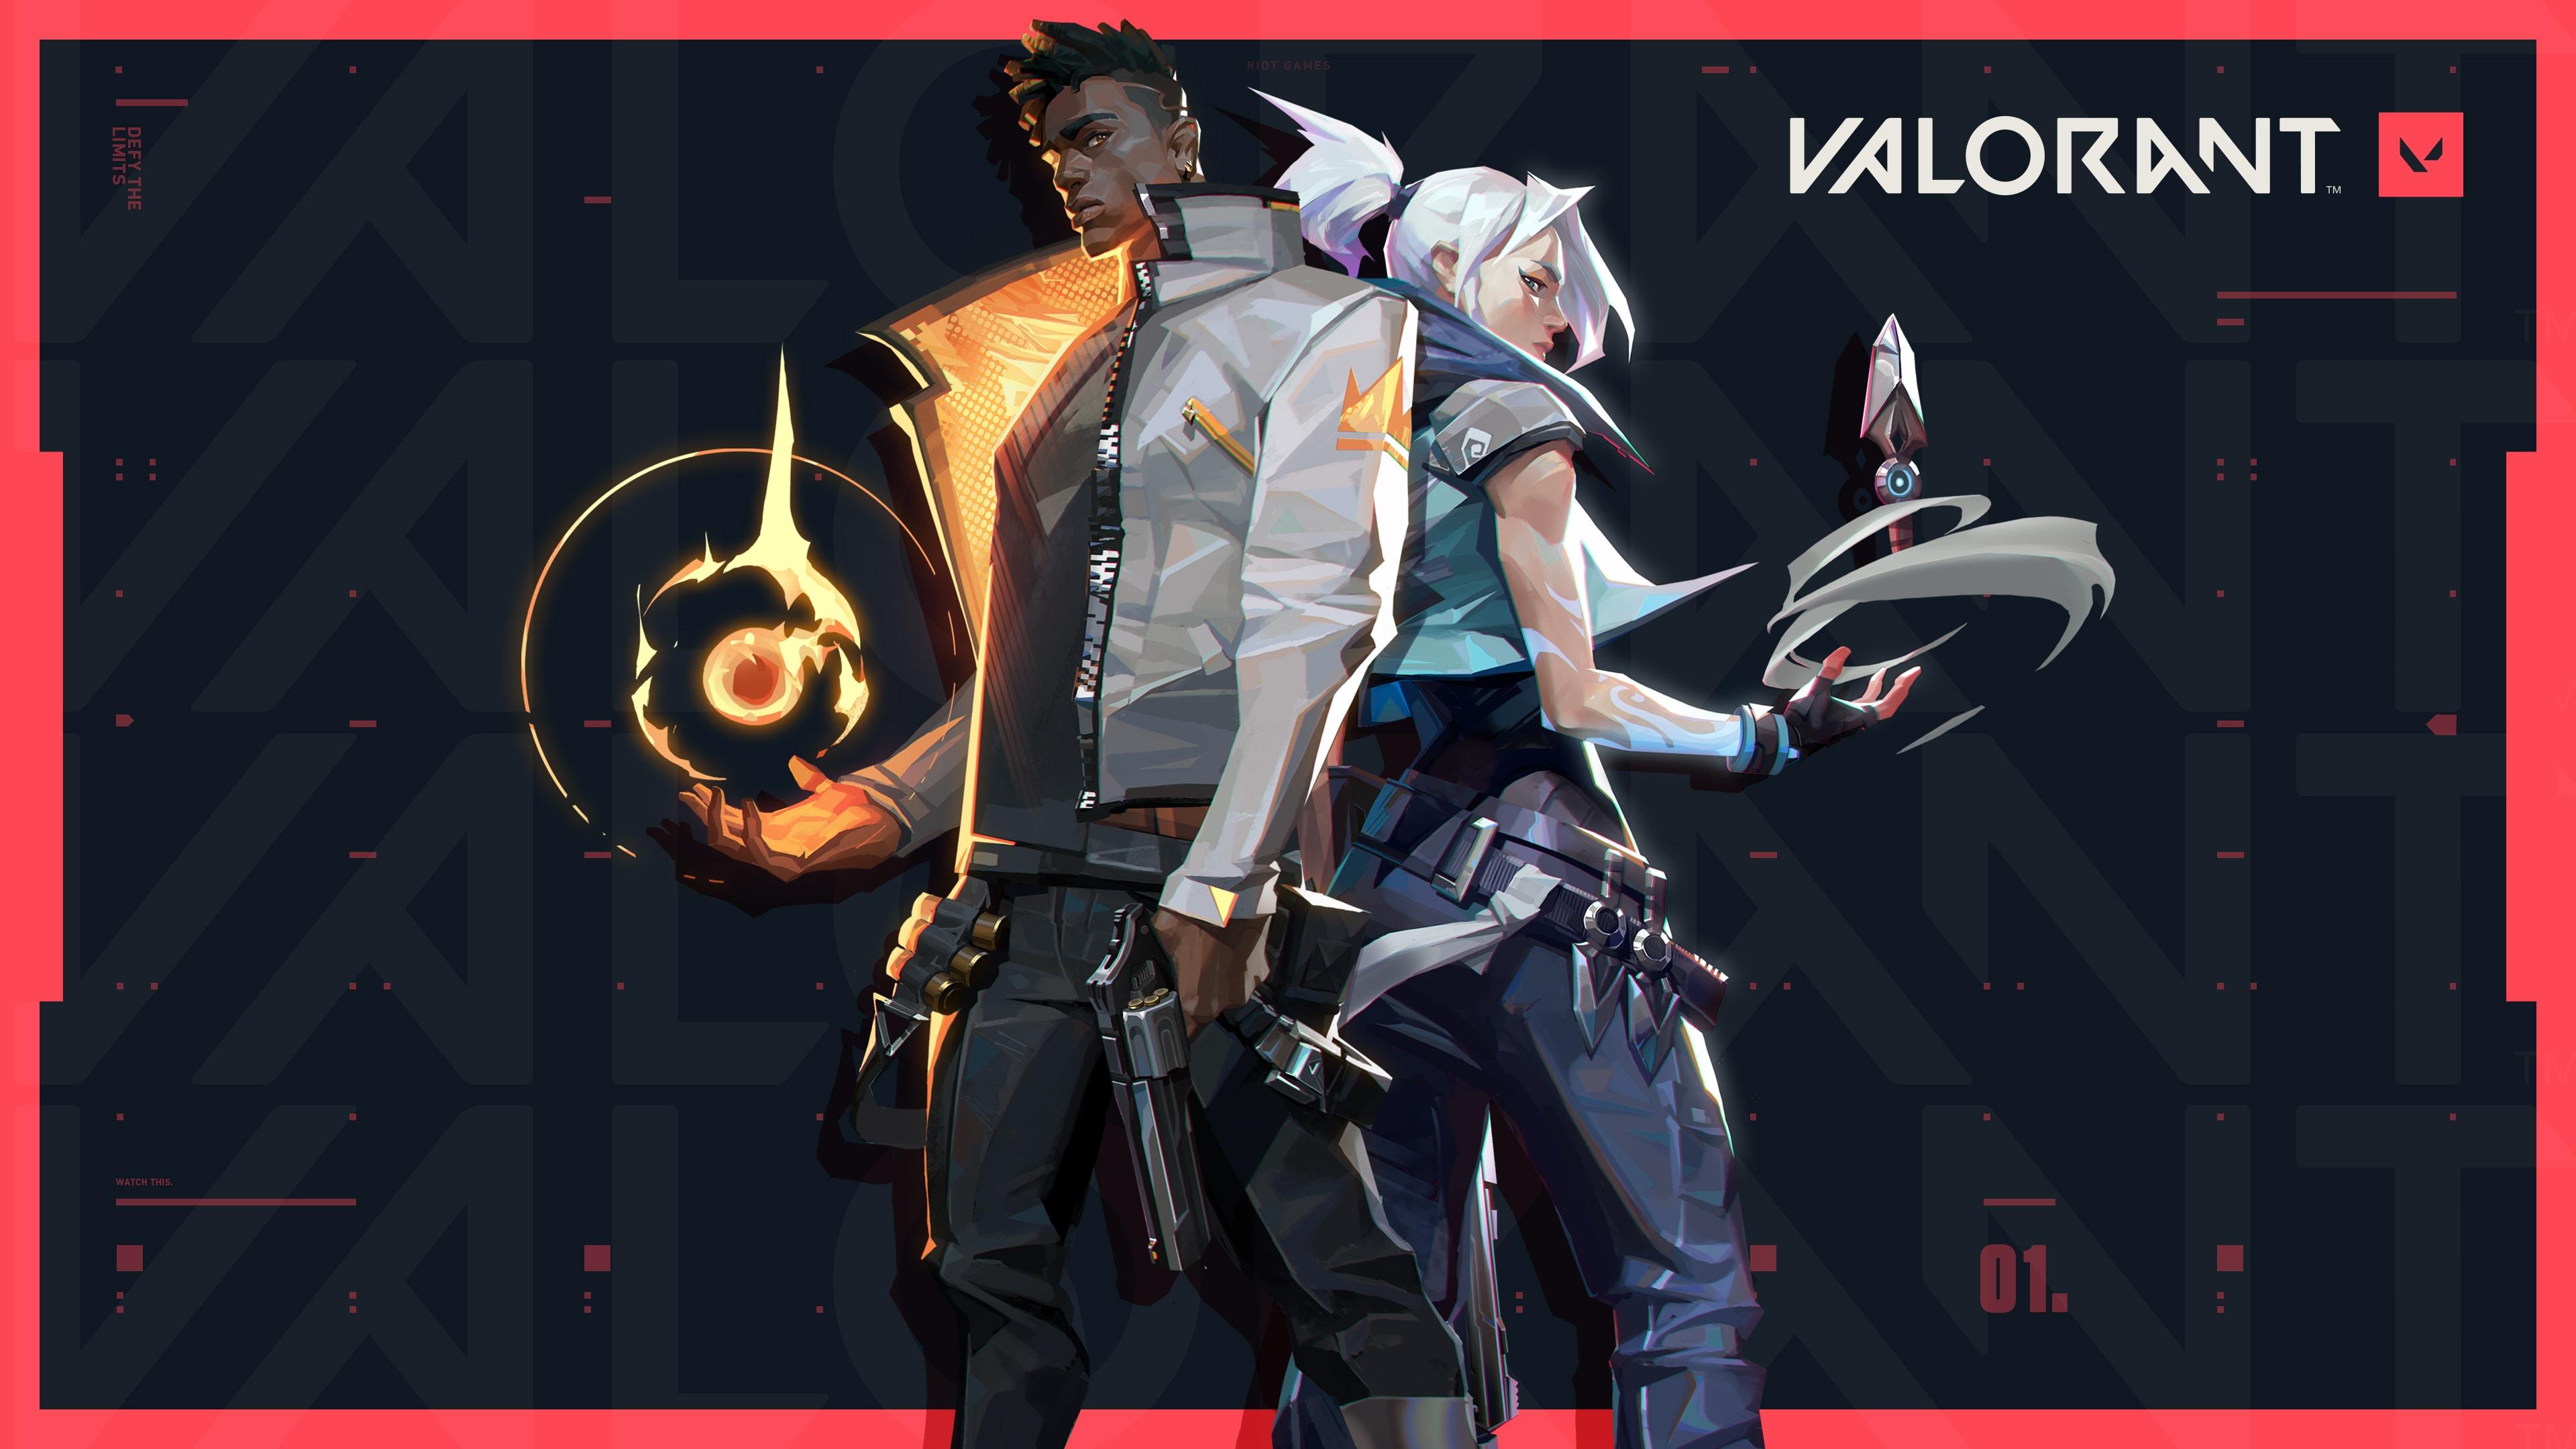 Comment accéder à la bêta de Valorant, le FPS de Riot Games ?